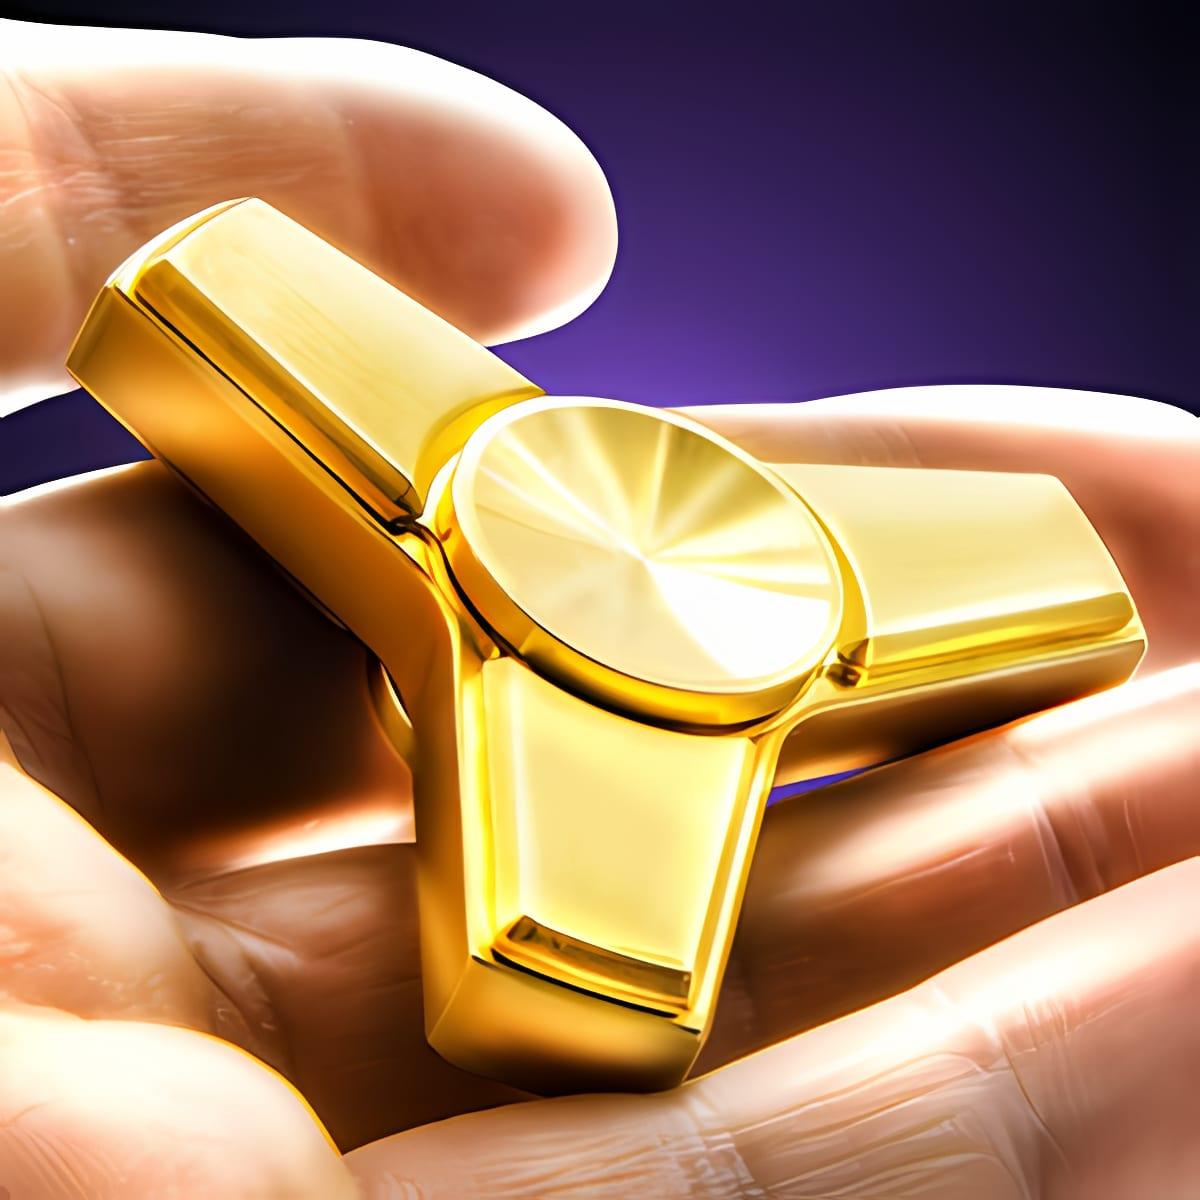 Golden fidget hand spinner 1.0